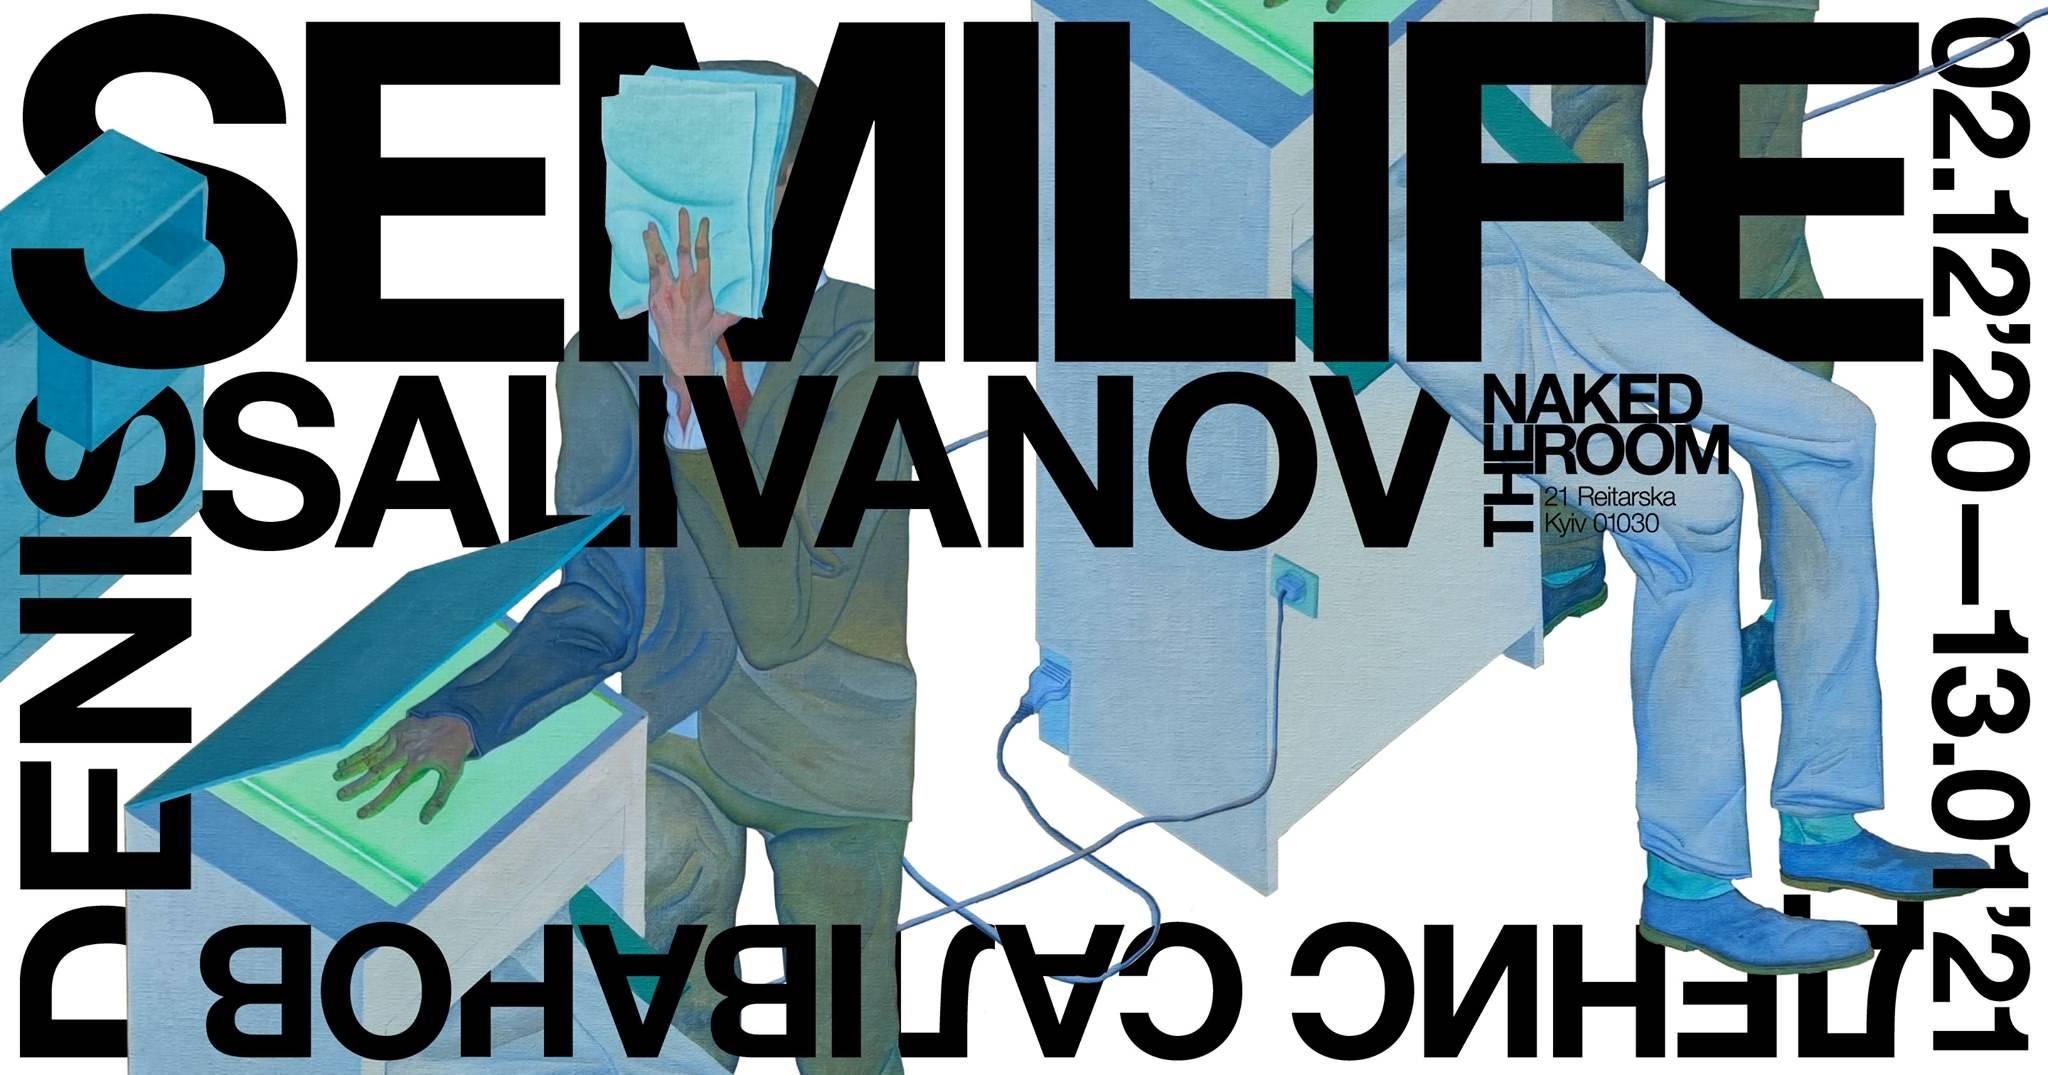 Денис Саліванов в The Naked Room